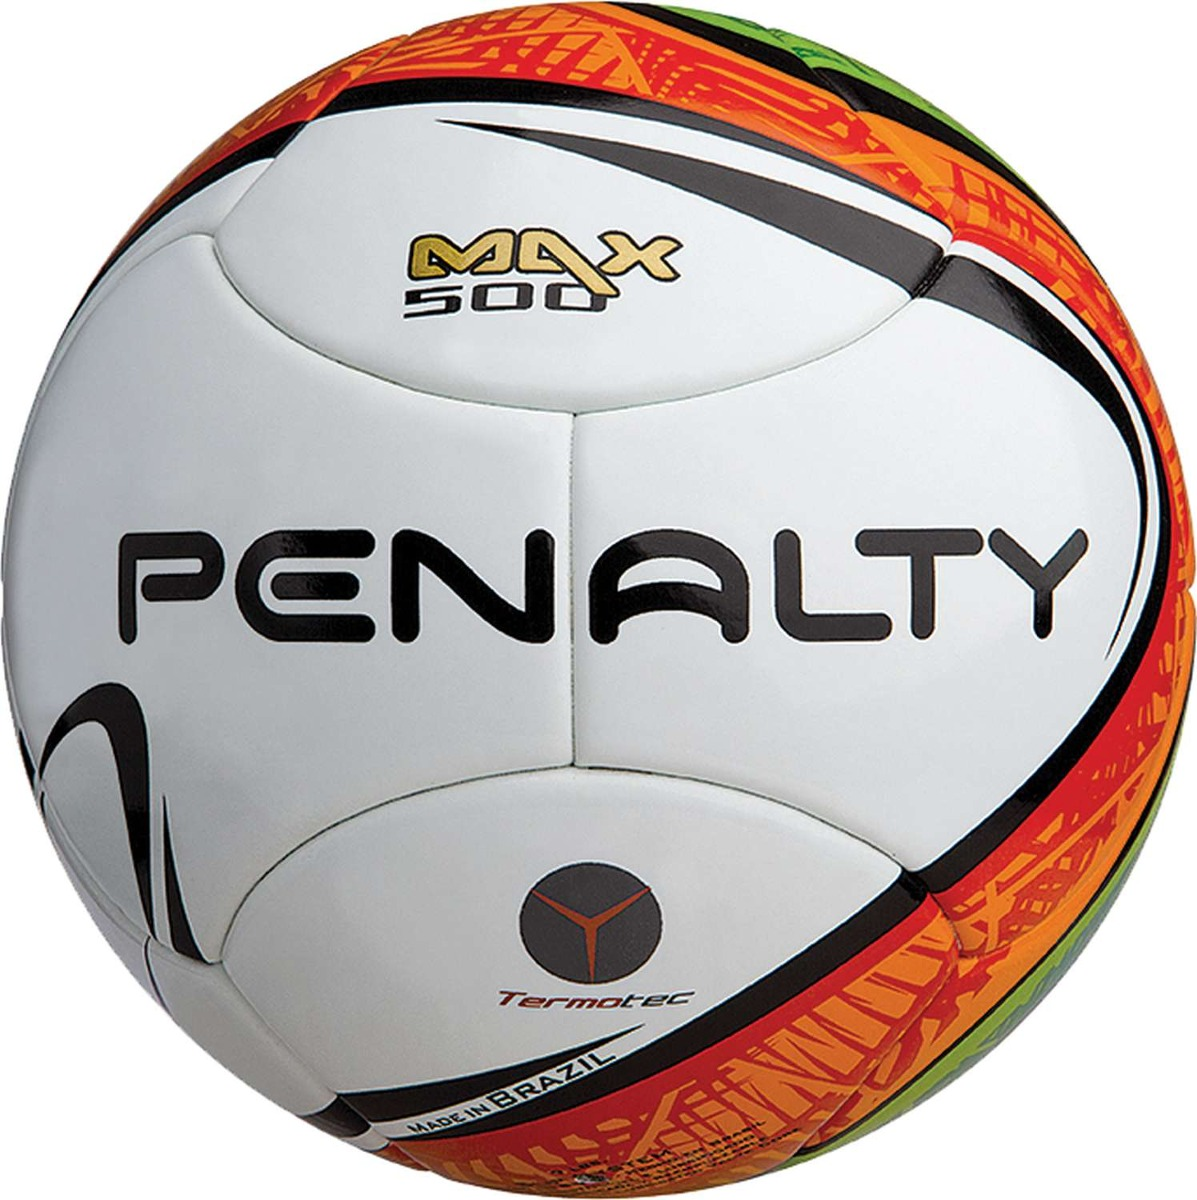 c27957318e bola de futsal max 500 termotec penalty unidade. Carregando zoom.